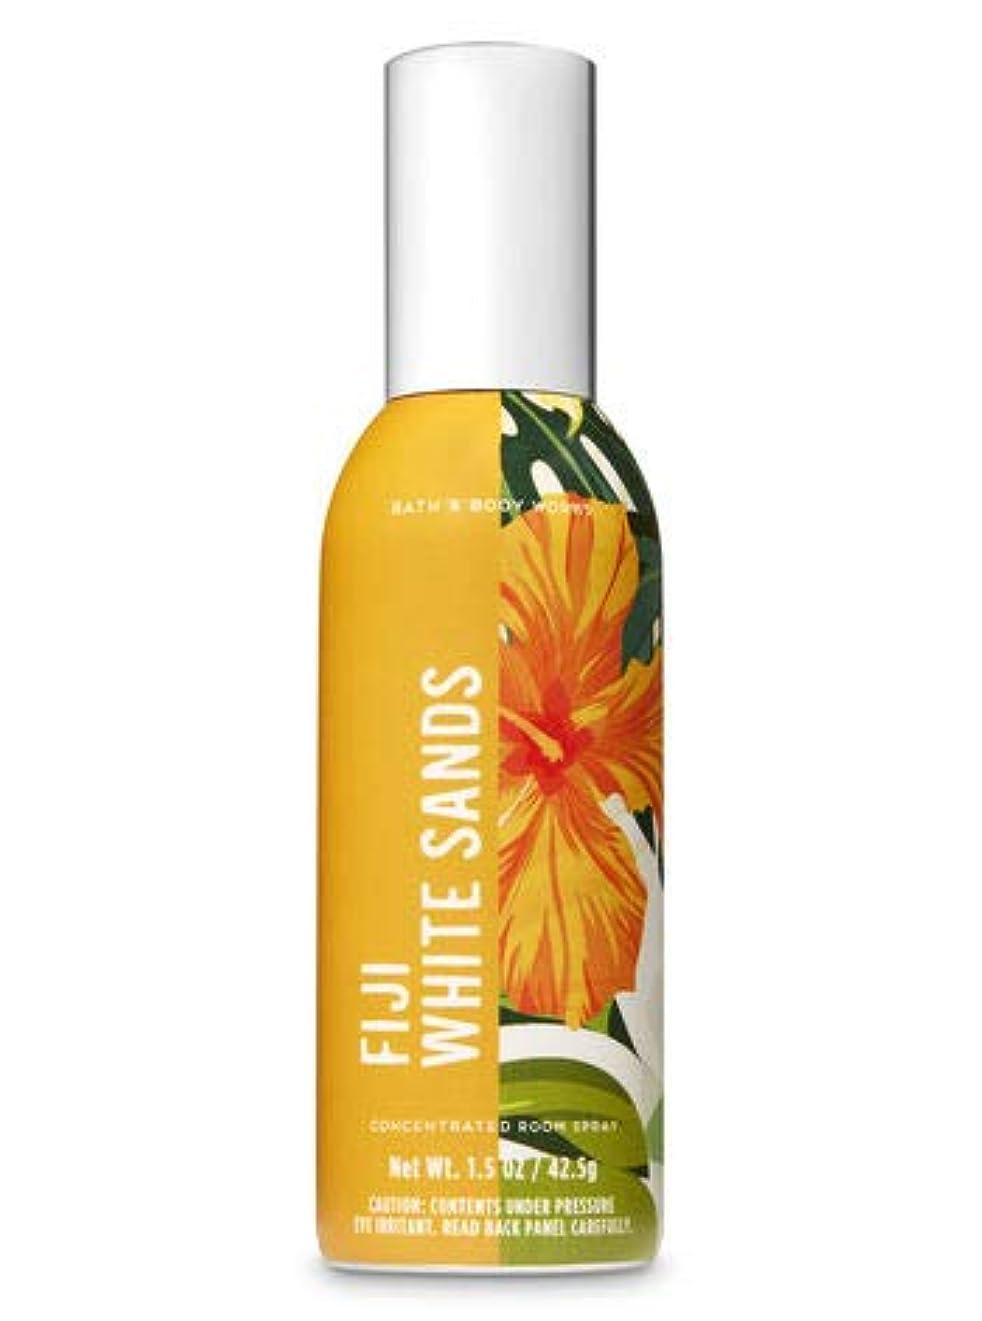 マトン強要ぶら下がる【Bath&Body Works/バス&ボディワークス】 ルームスプレー フィジーホワイトサンド 1.5 oz. Concentrated Room Spray/Room Perfume Fiji White Sands [並行輸入品]